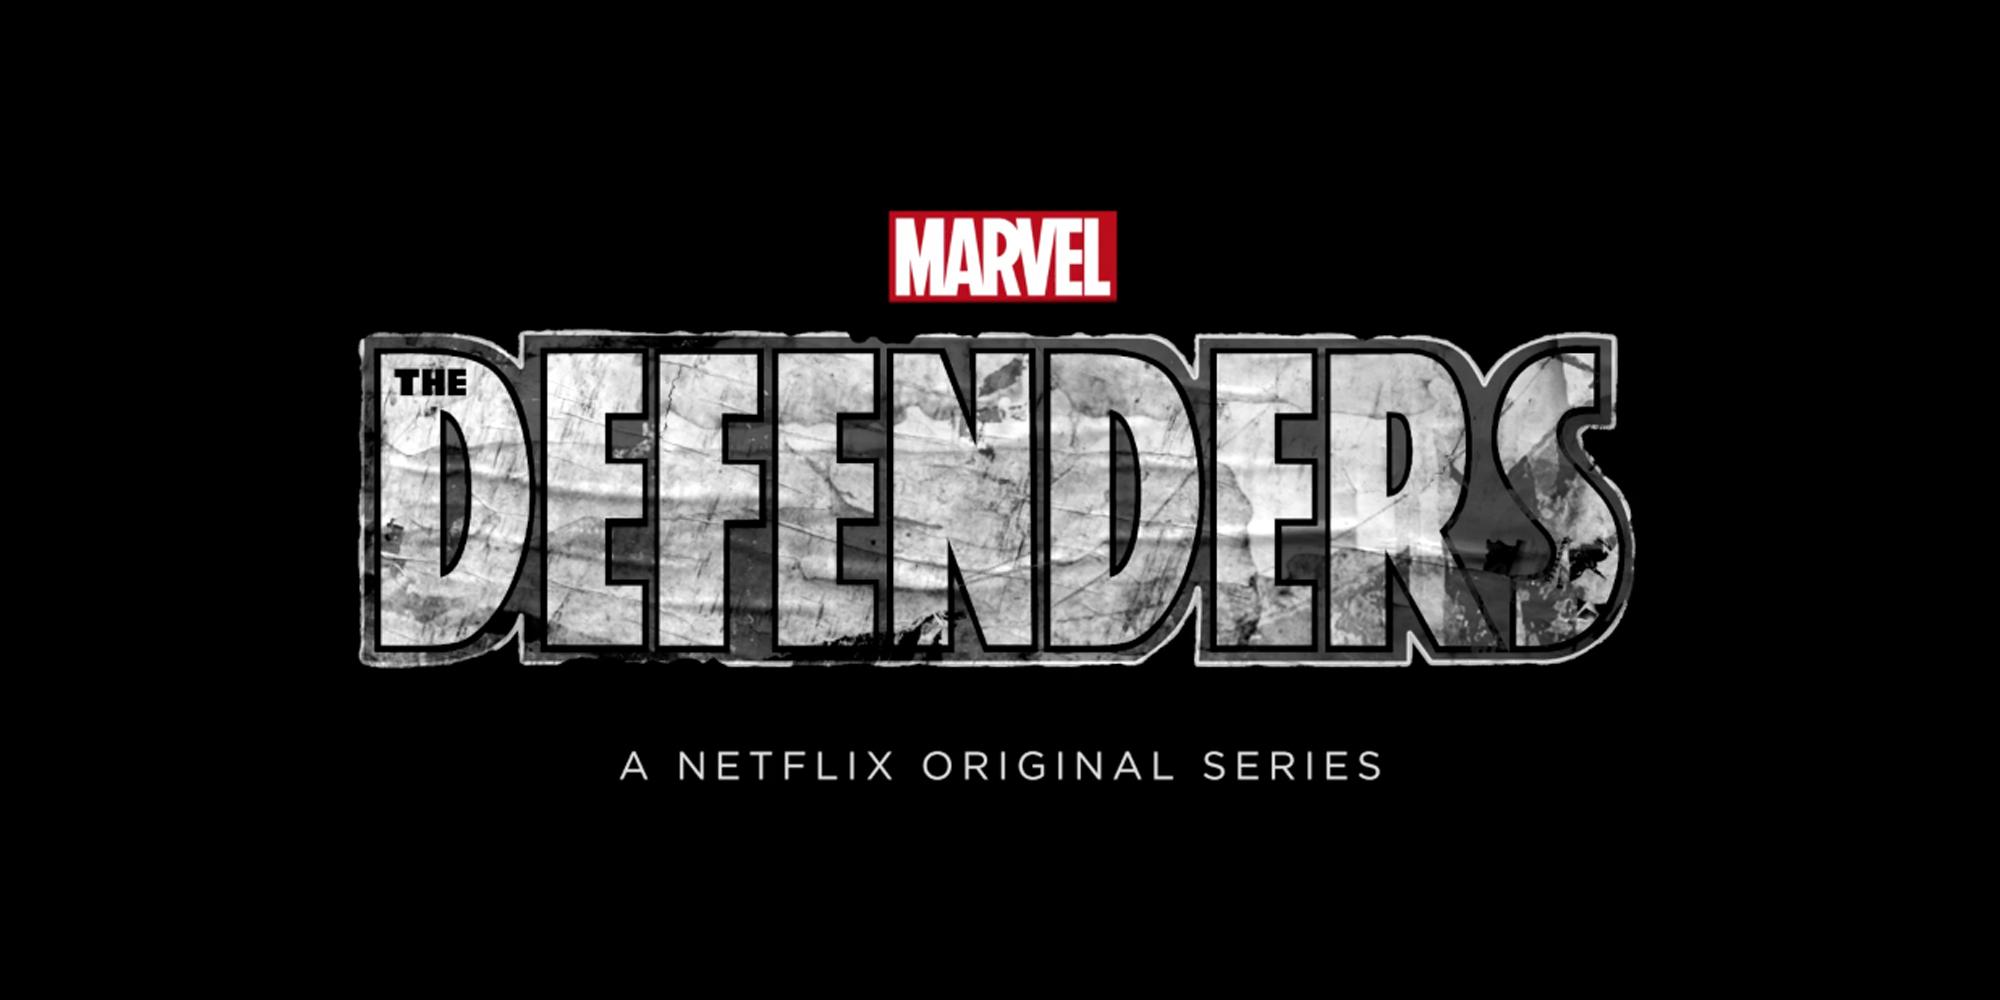 [SDCC] Netflix The Defenders Teaser